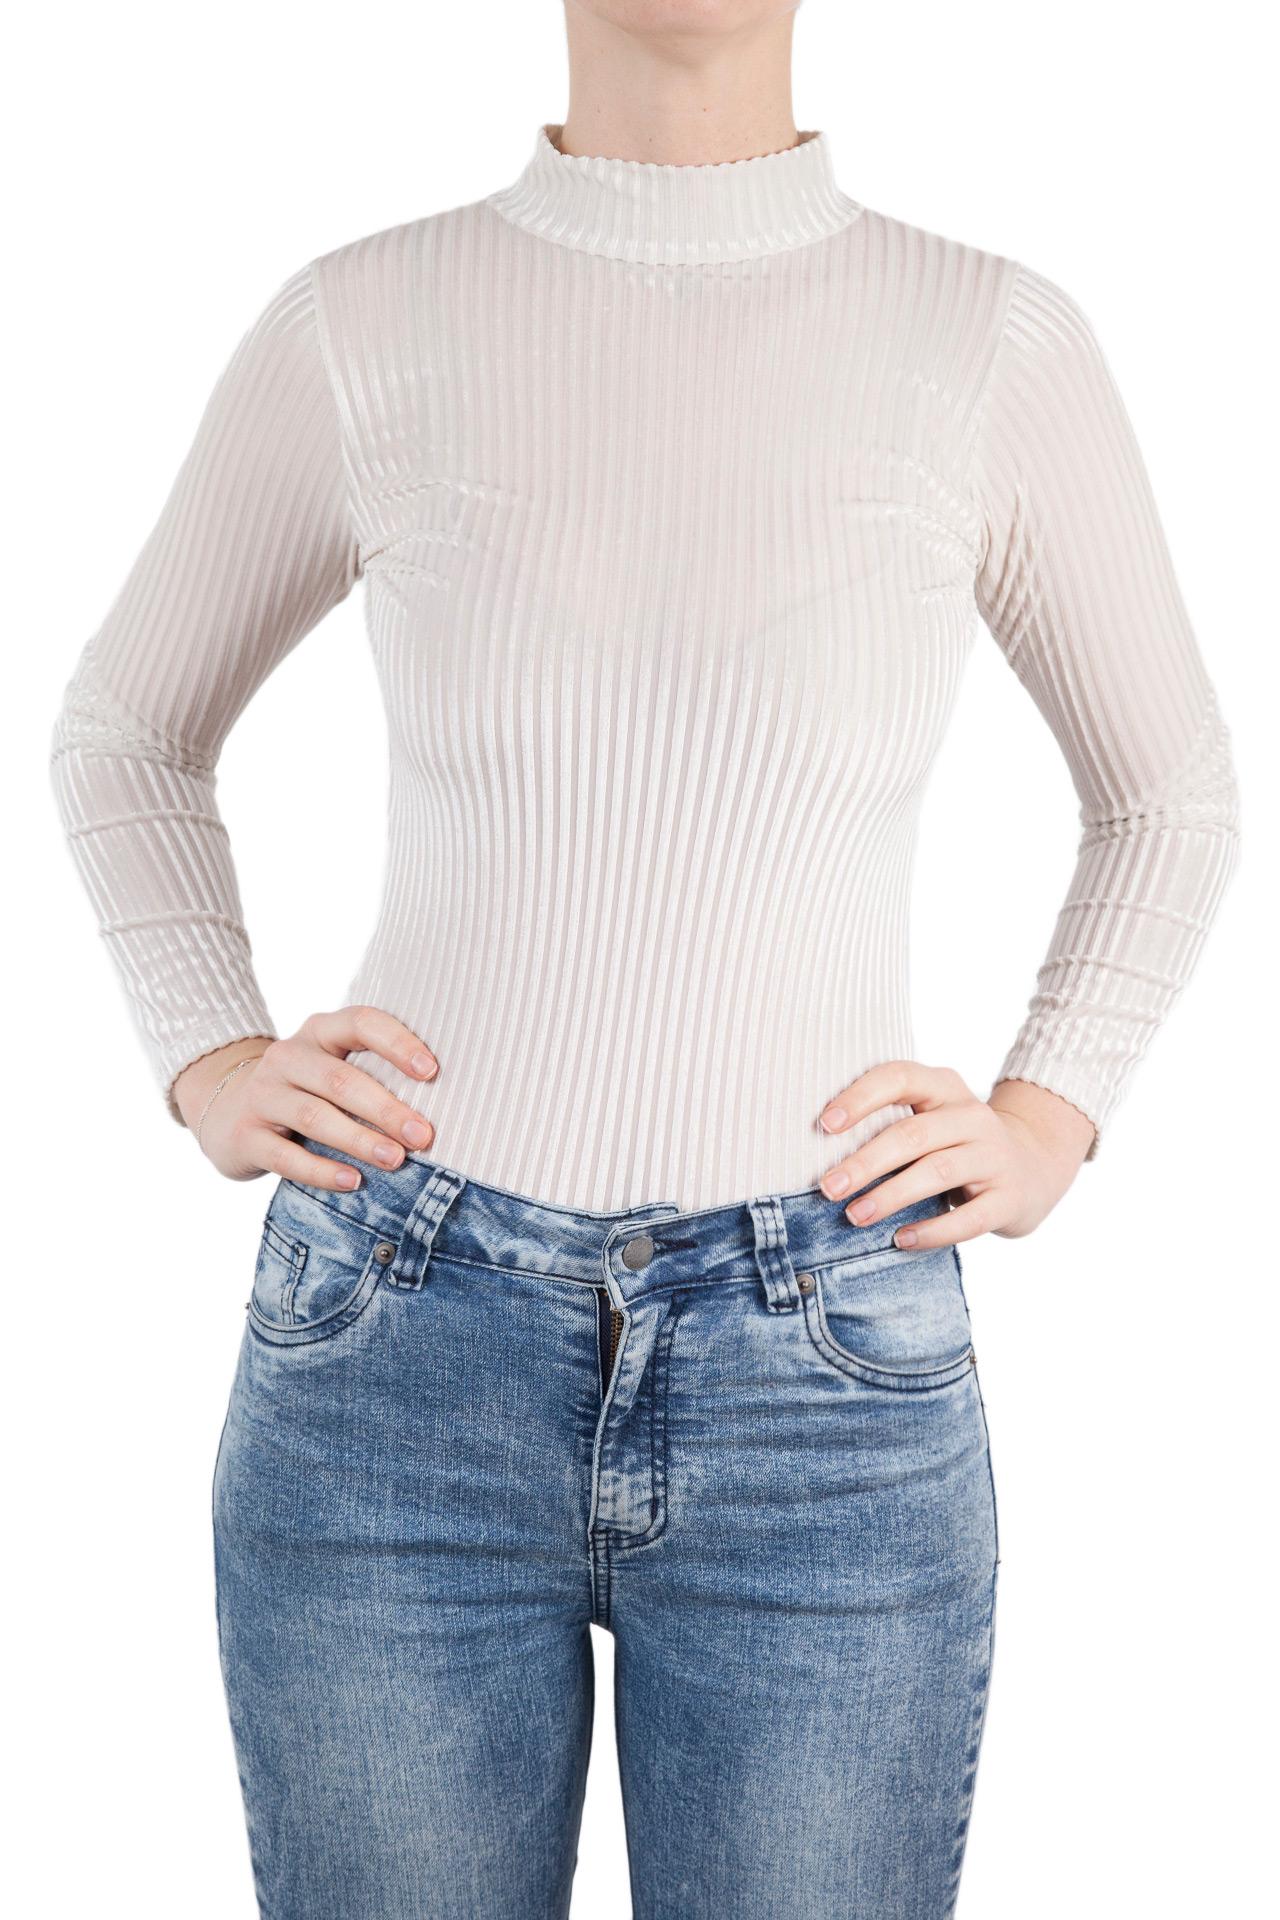 Body velvet ajustable de manga larga con detalle en la espalda.